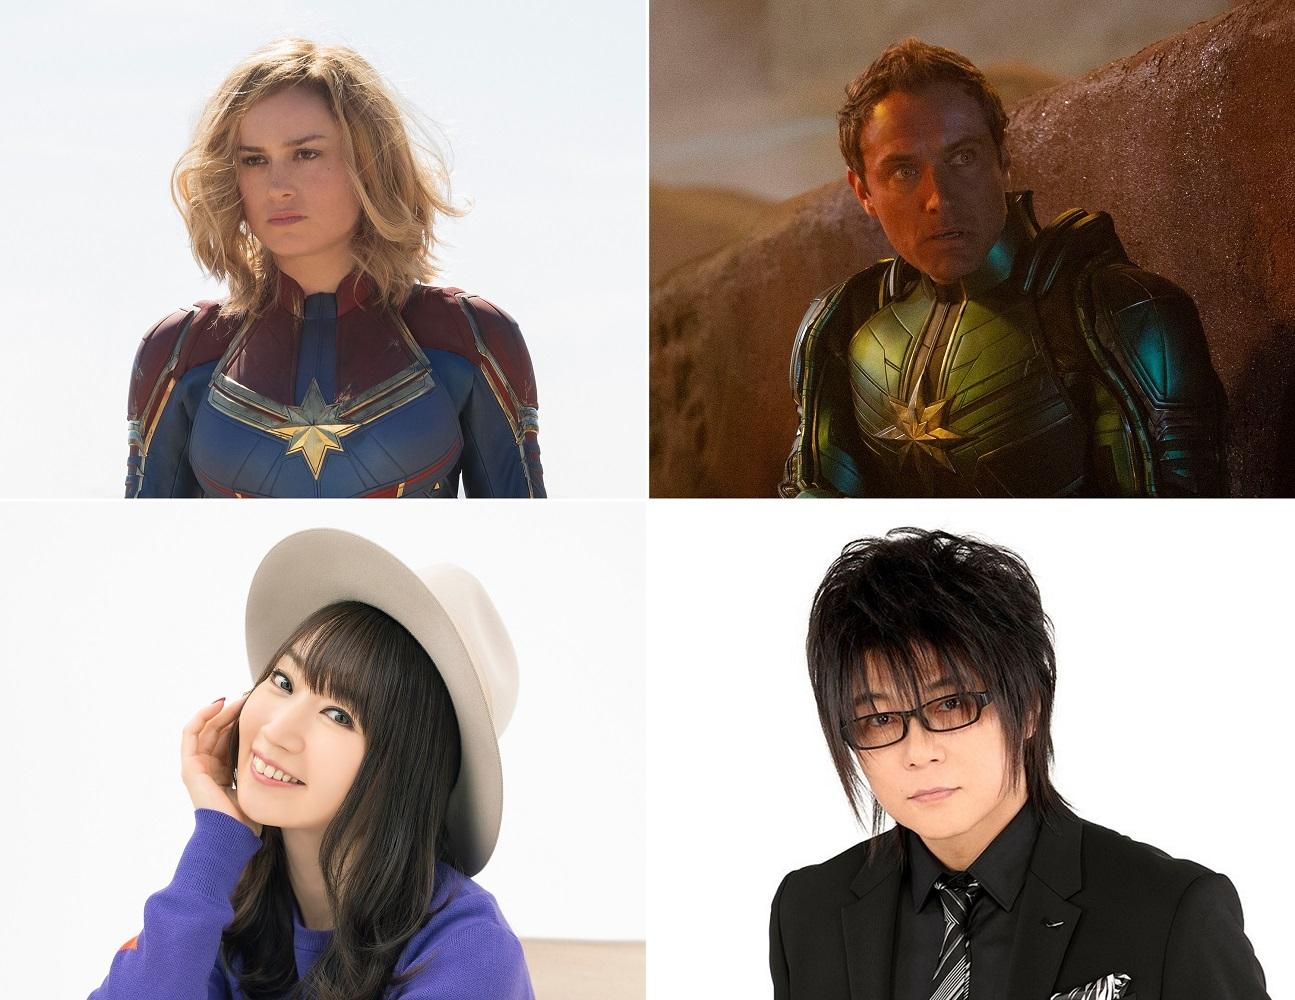 下段左から、水樹奈々、森川智之 (C)Marvel Studios 2019